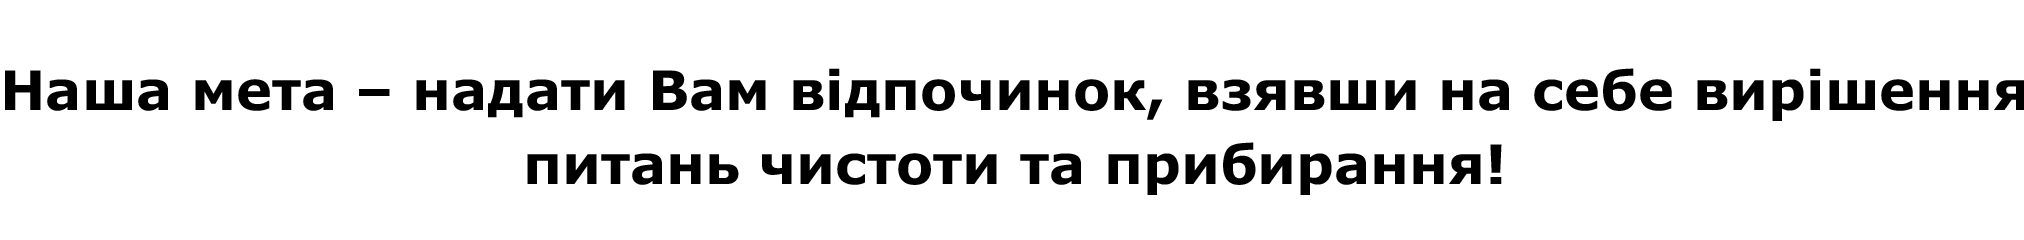 aktsii - Новорічна пропозиція прибирання від Сервіс Менеджмент Груп